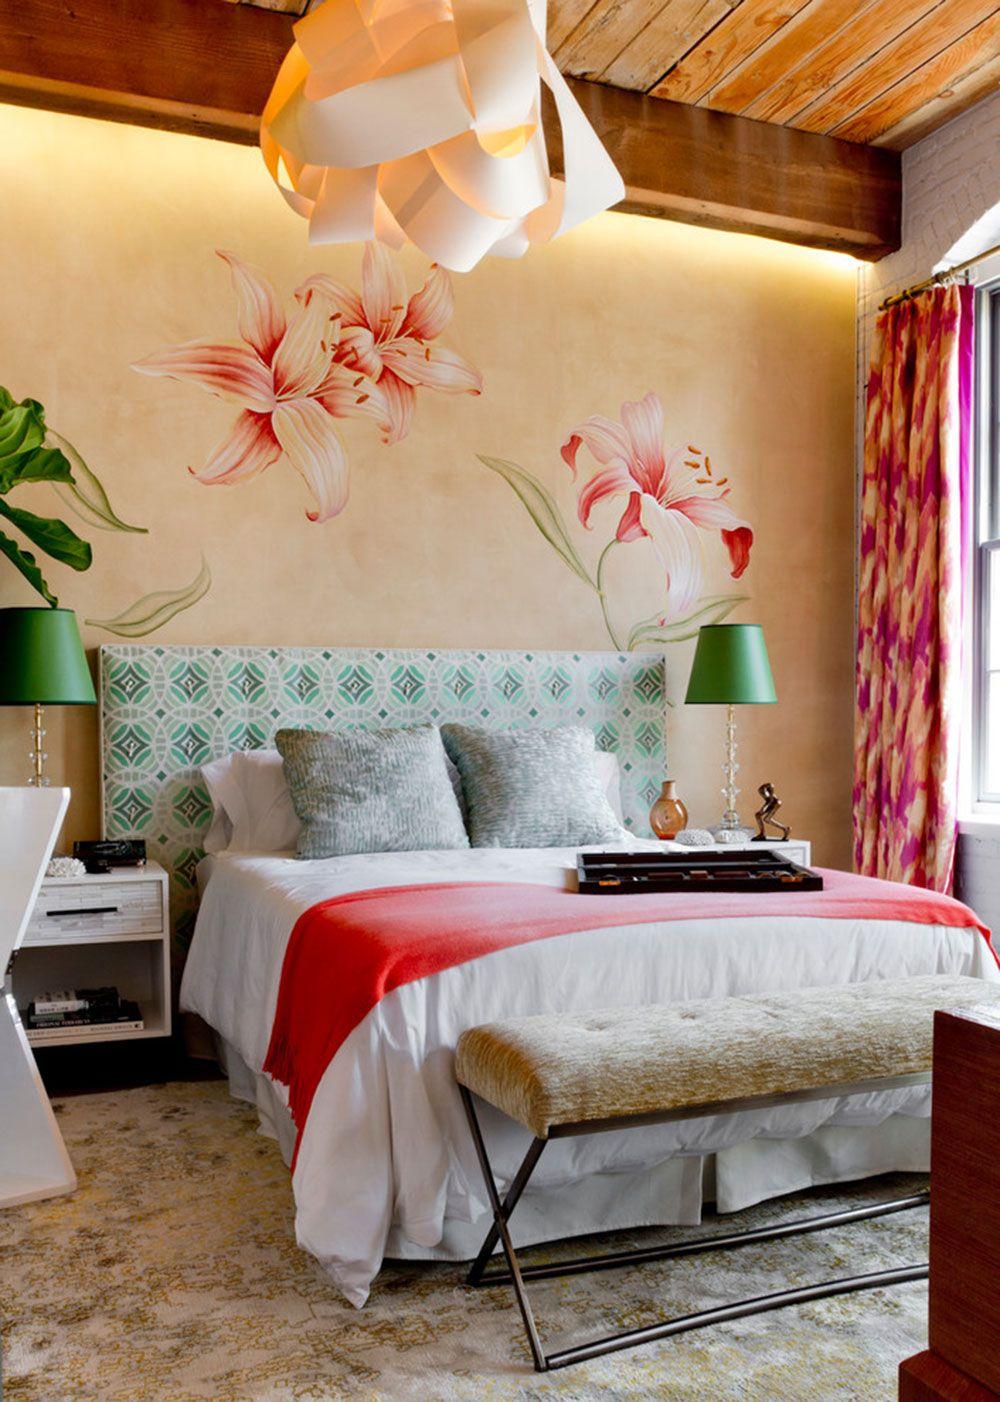 Die Dekorative Wand Aufkleber Für Ihr Haus Interieur (43